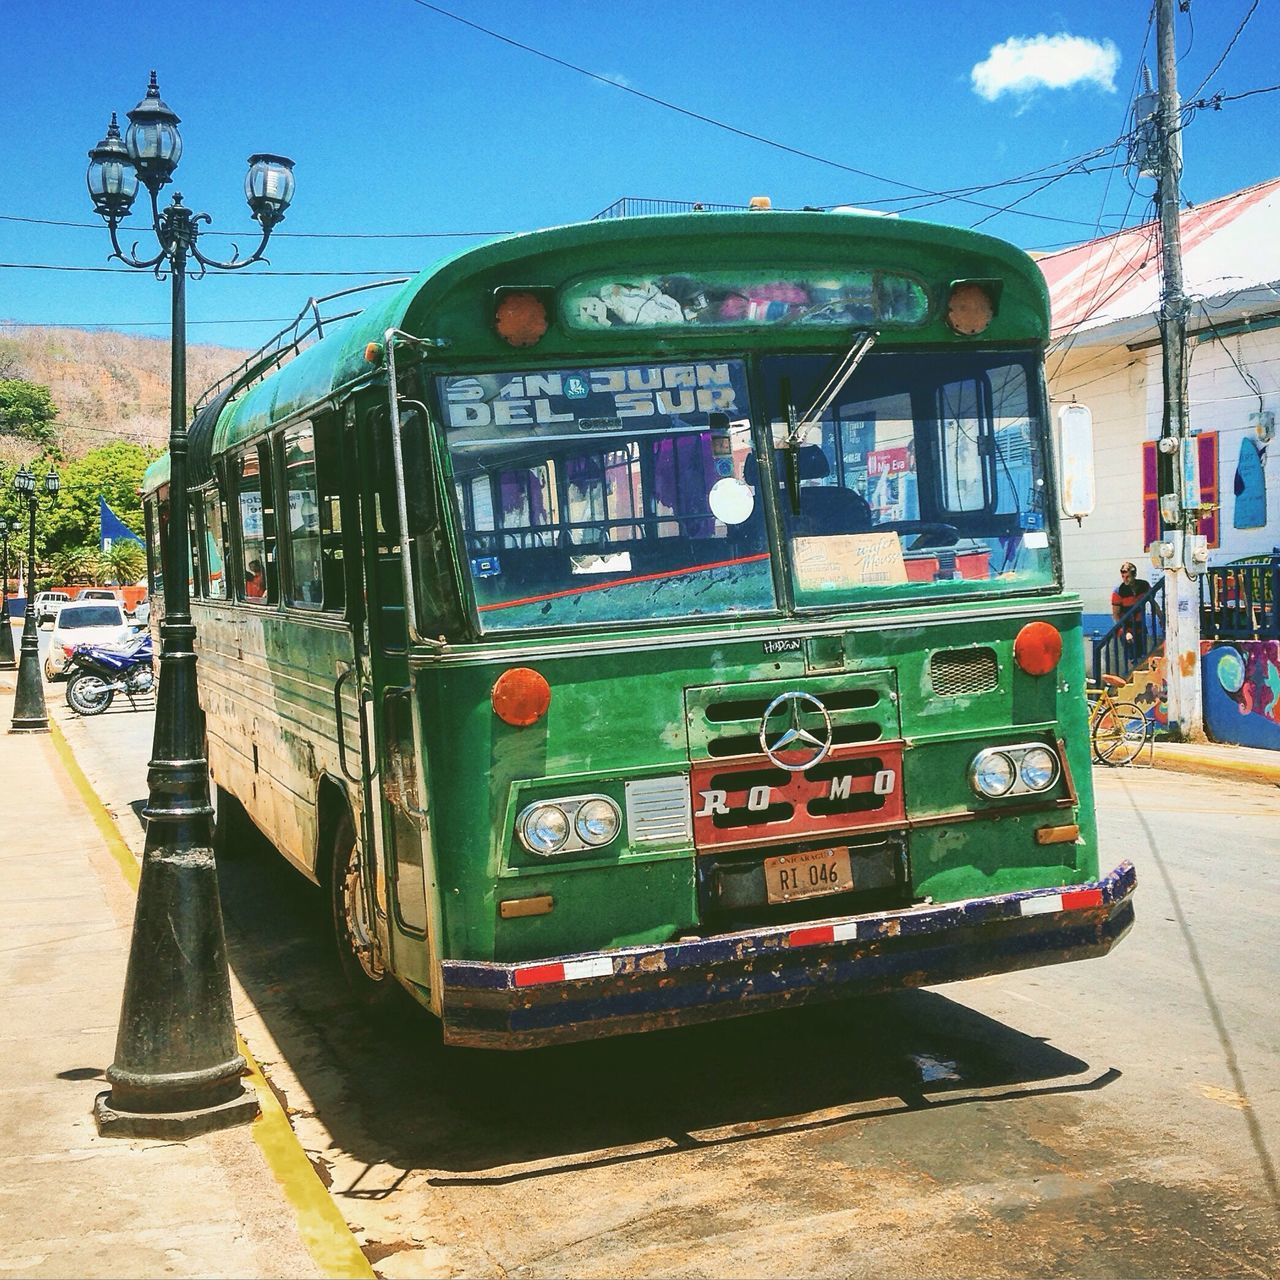 Bus Mercedes Green Green Color Oldschool Vintage Vintage Cars Old Timer Transportation Nicaragua San Juan Del Sur , Nicaragua Upclose Street Photography